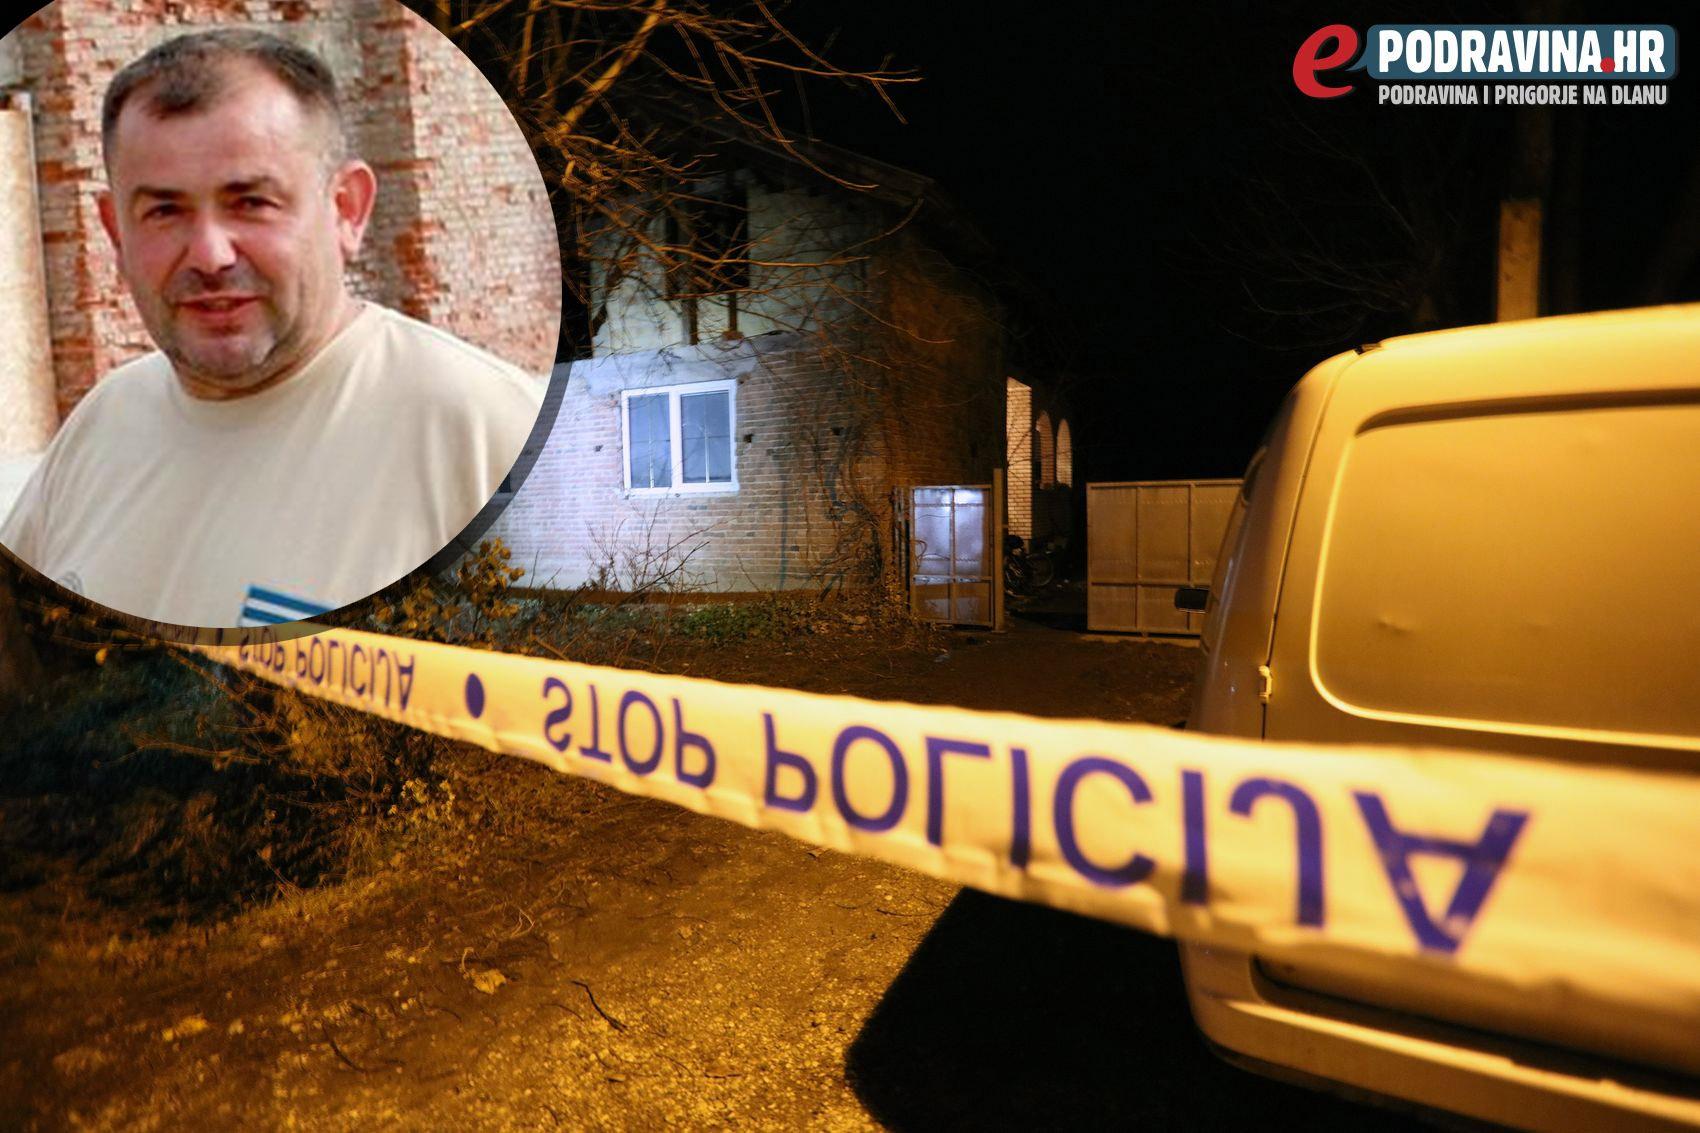 Kuća u kojoj se dogodilo ubojstvo // Foto: Ivan Brkić